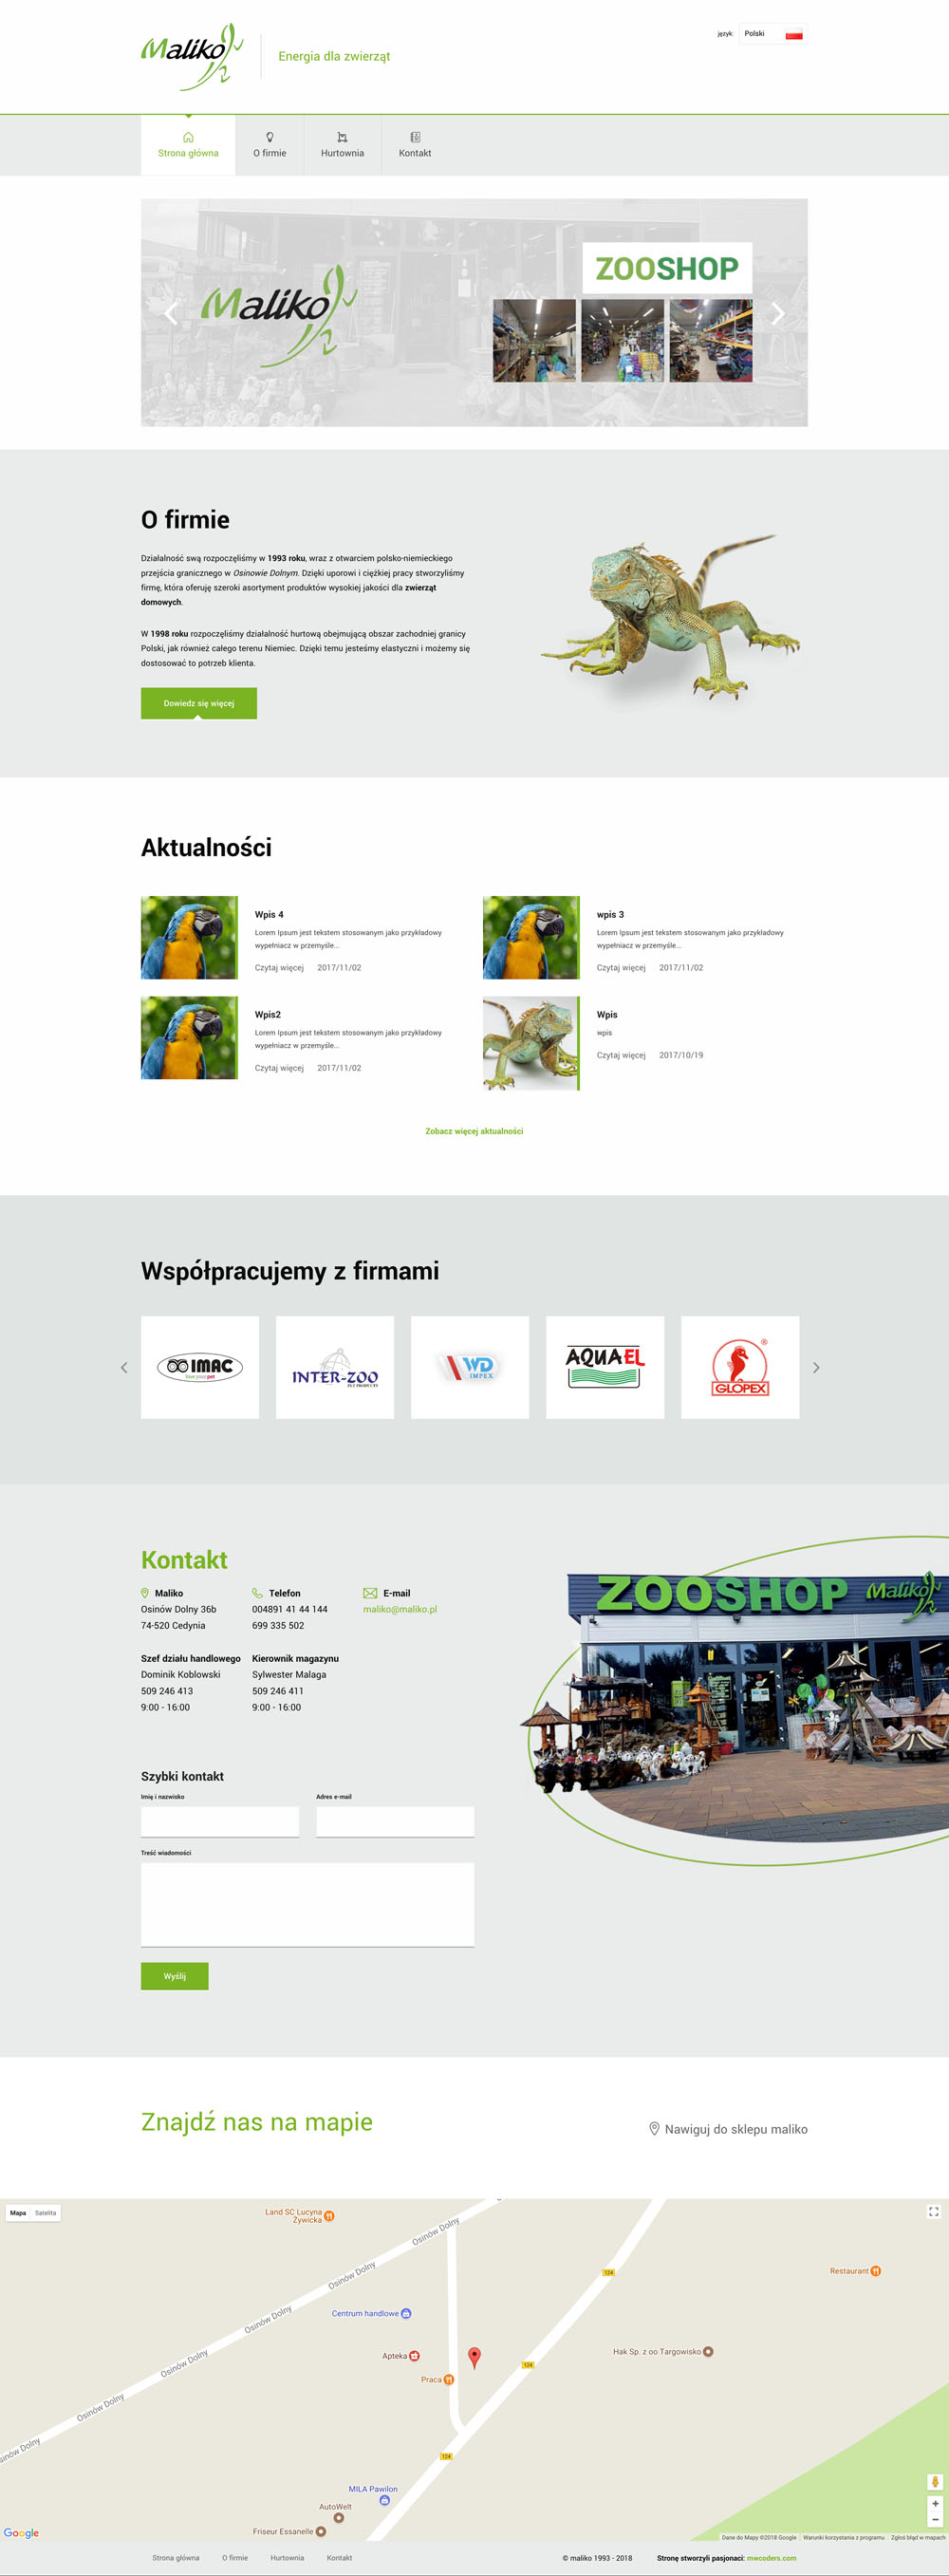 Projekt strony głównej maliko.pl